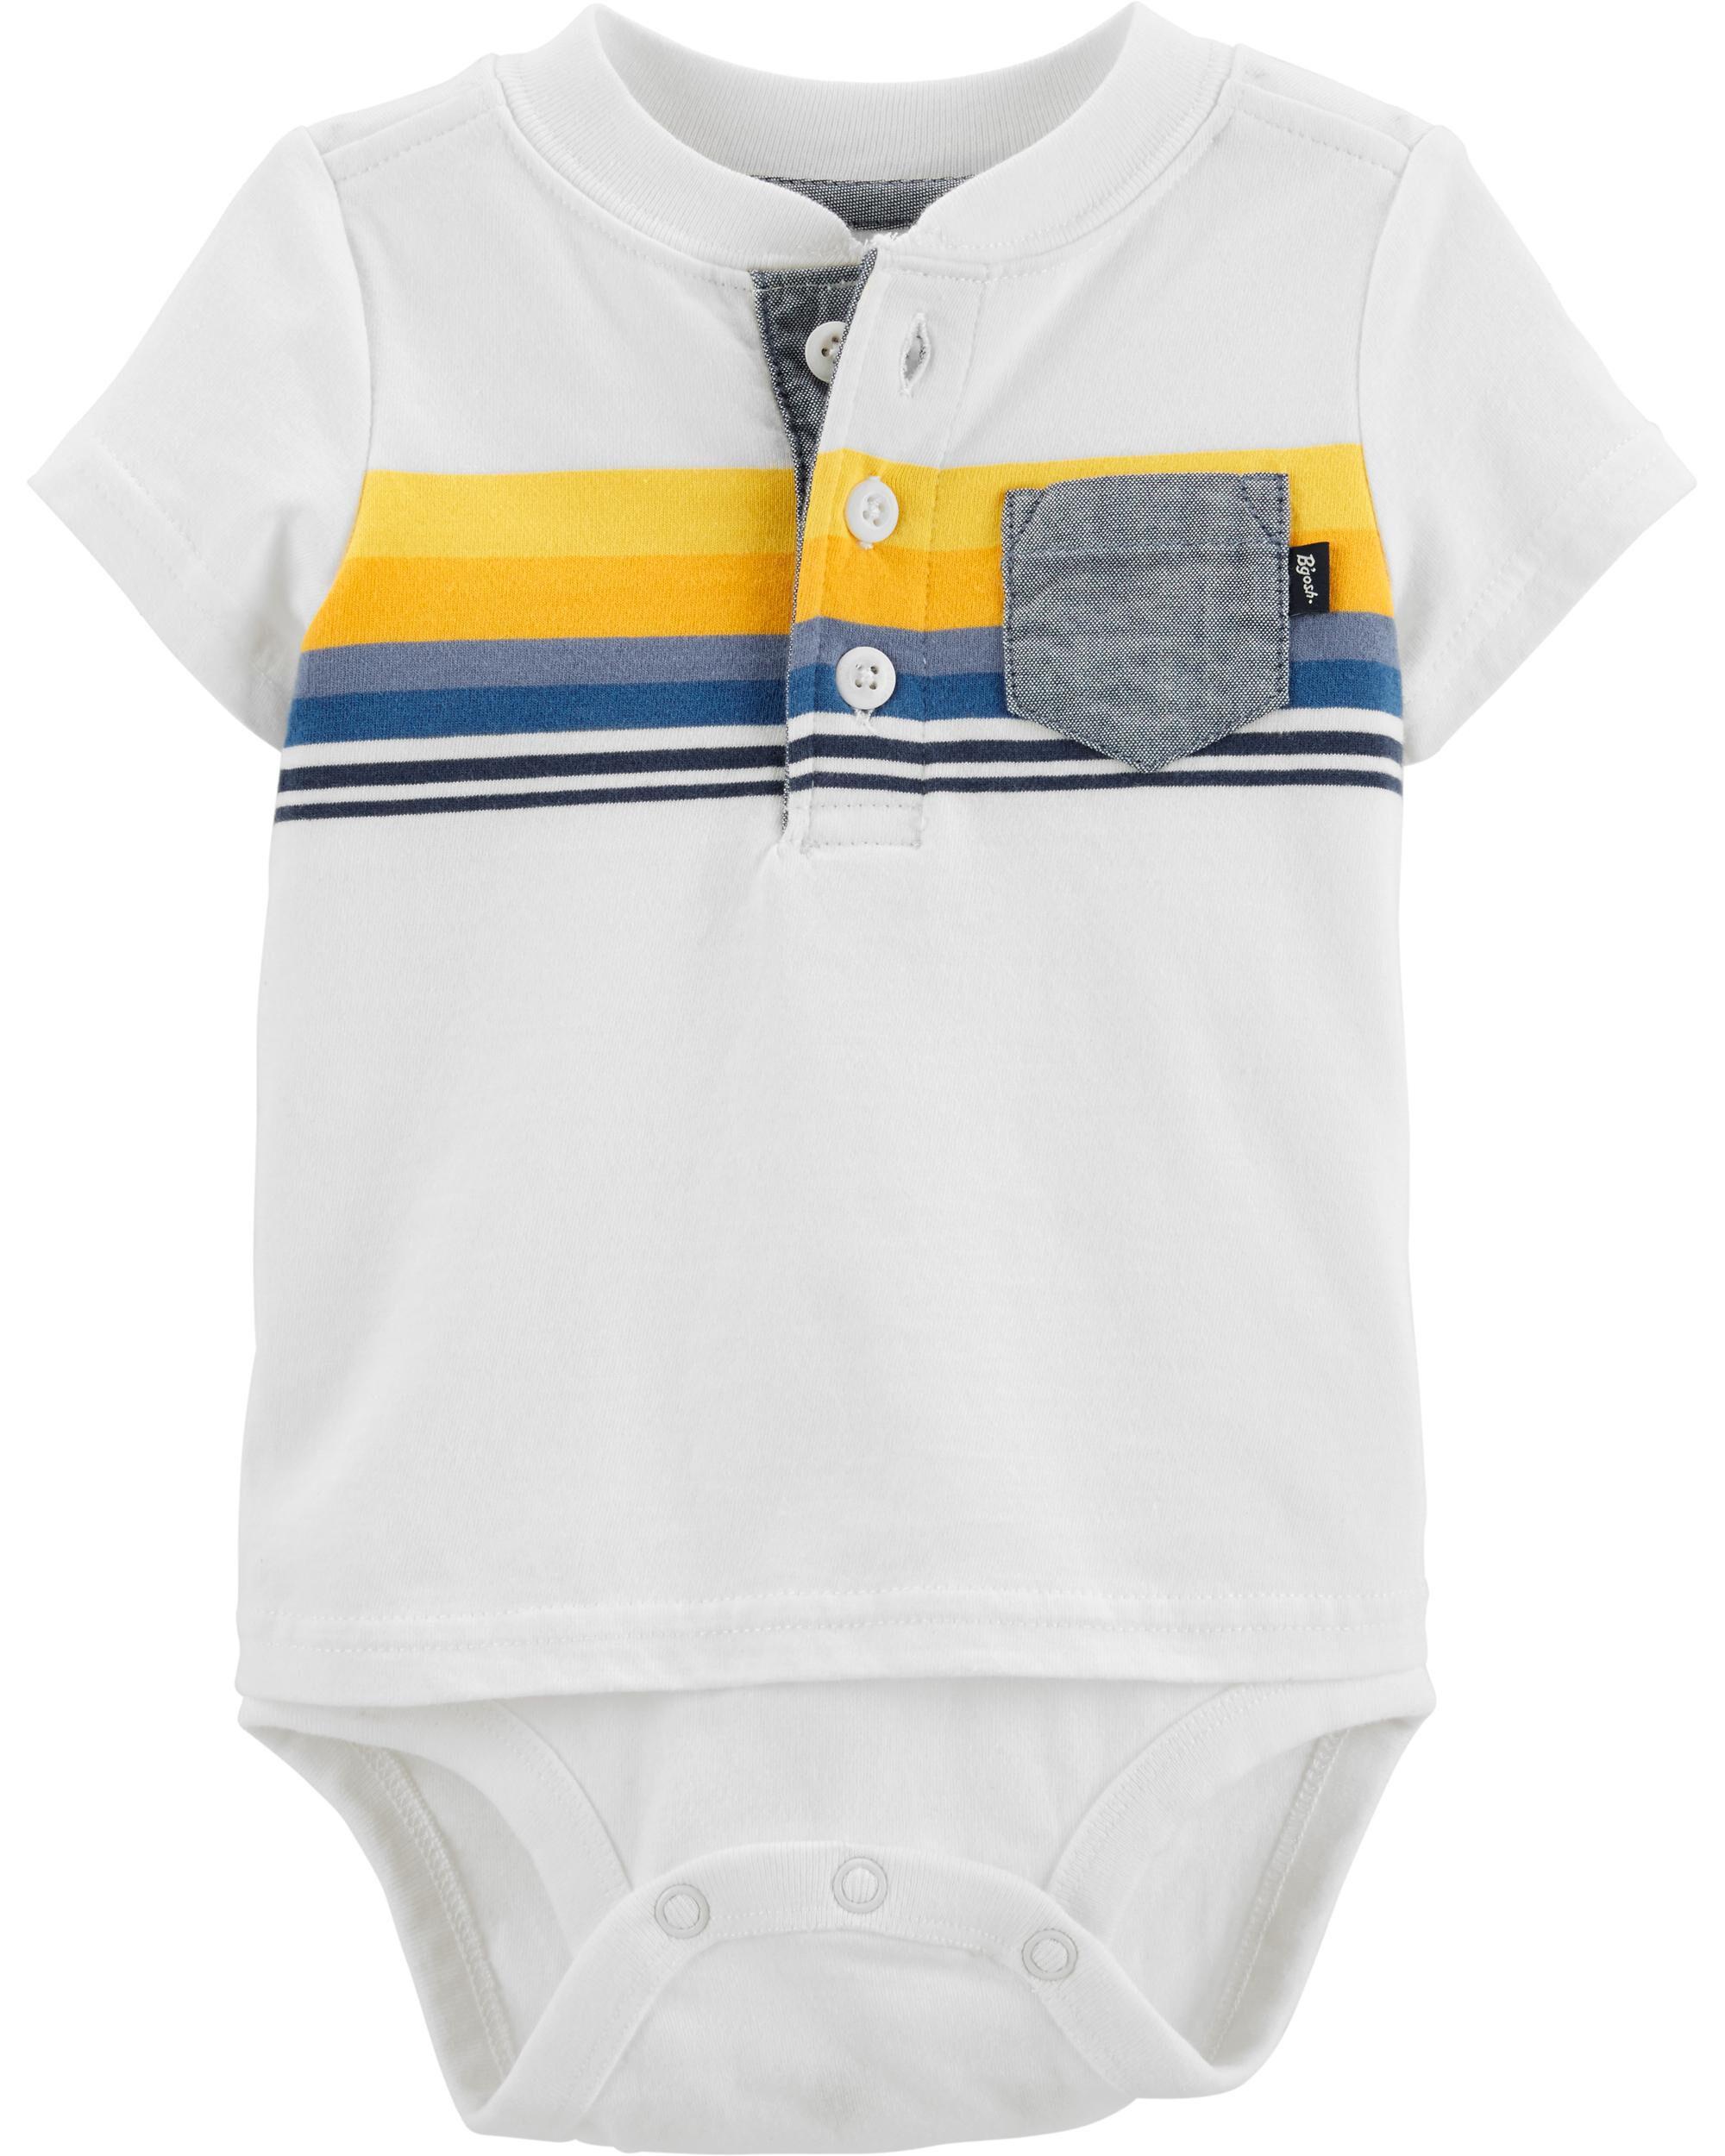 Im Technically Correct Adam Ruins Everything Icon Baby Romper Long Sleeve Bodysuit Babyspielanzug Bodys & Einteiler Bekleidung